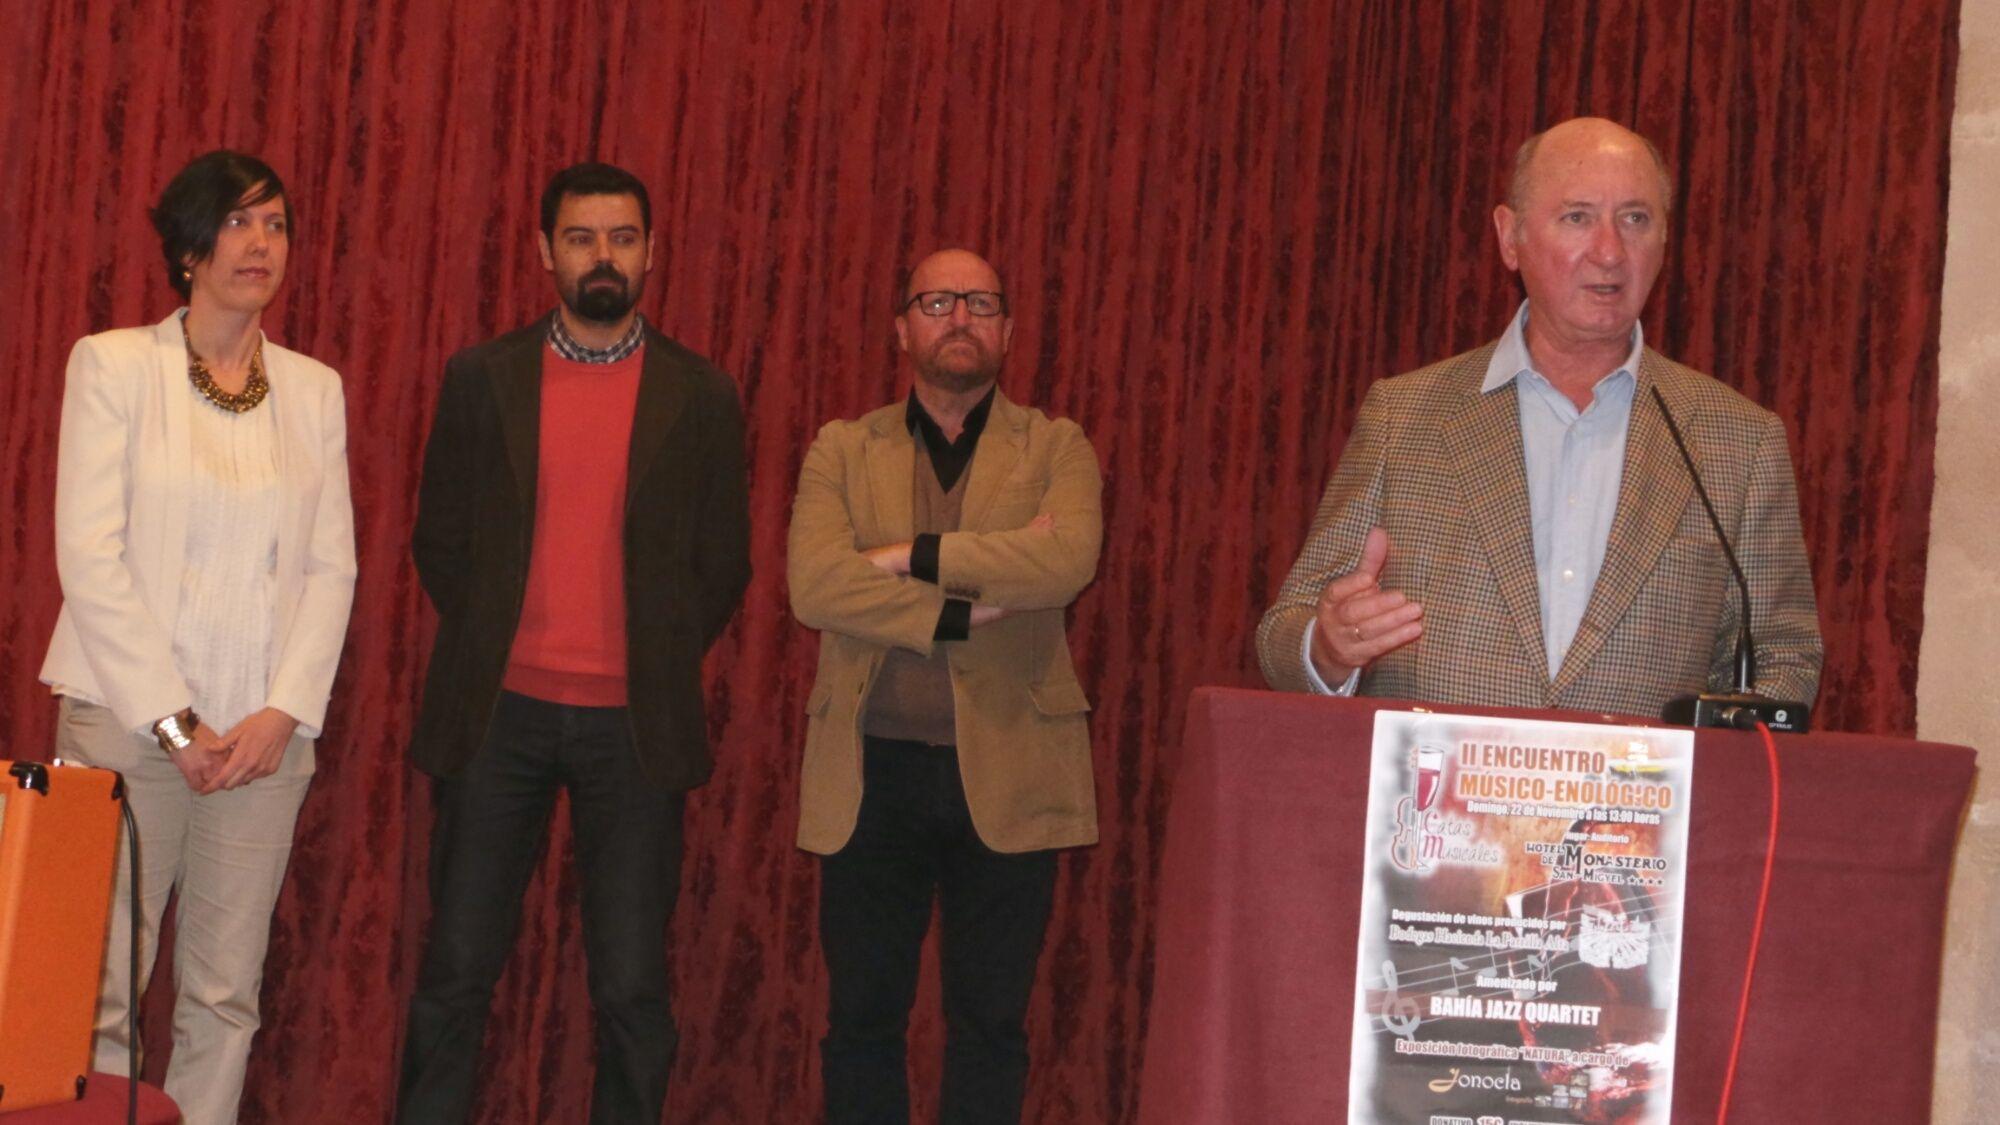 Ricardo Rebuelta, propietario de Bodegas Hacienda La Parrilla Alta, presentando el evento a los asistentes